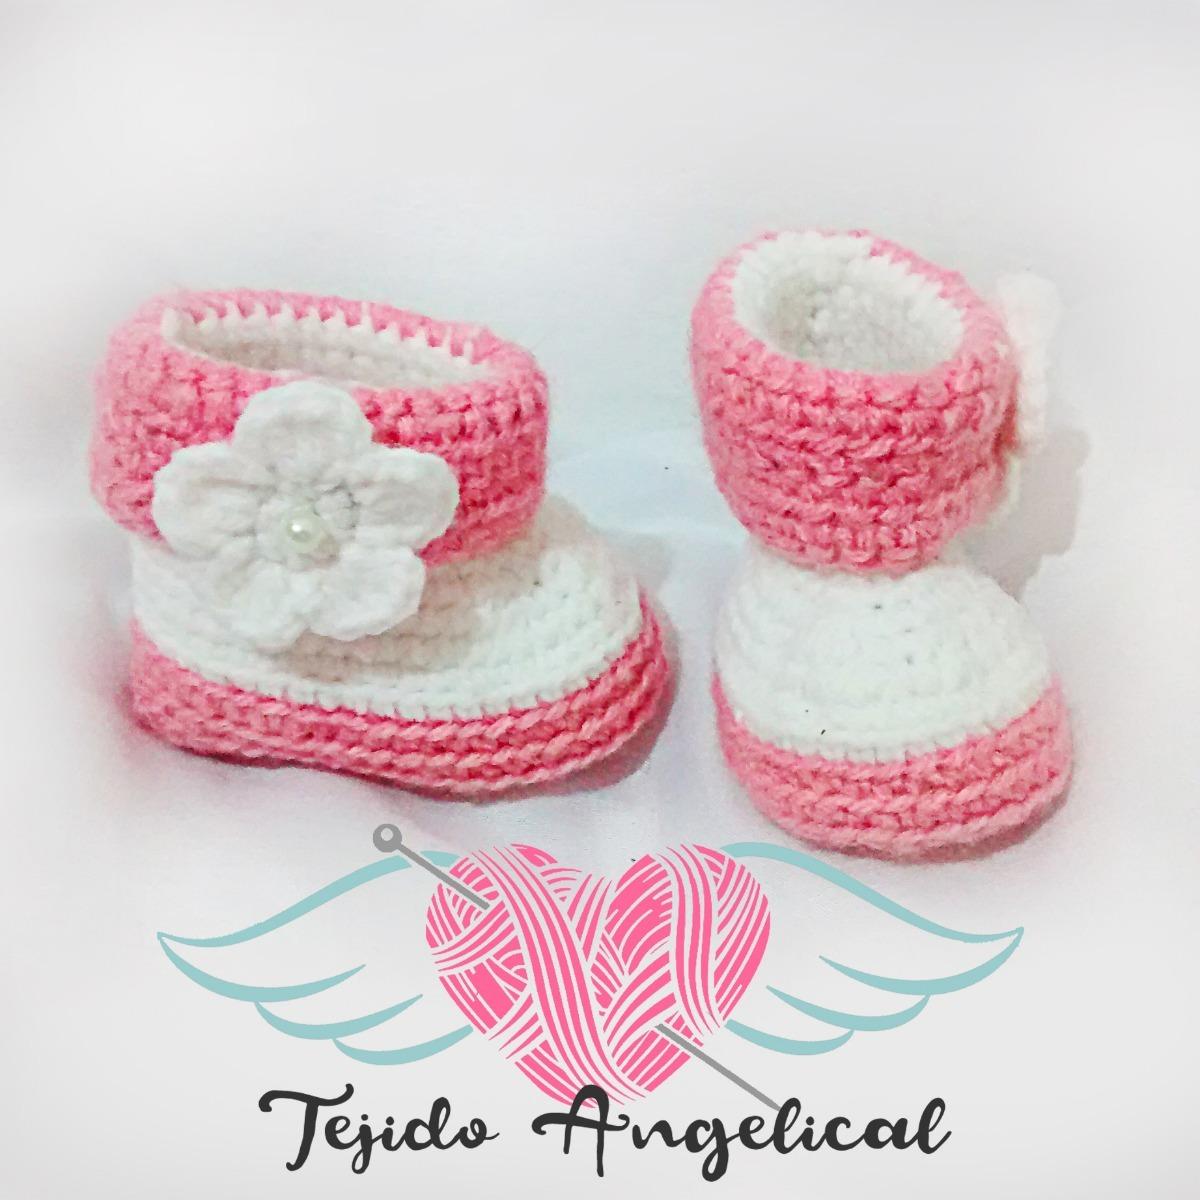 Botas De Bebé Tejidas Crochet Artesanales - $ 150,00 en Mercado Libre